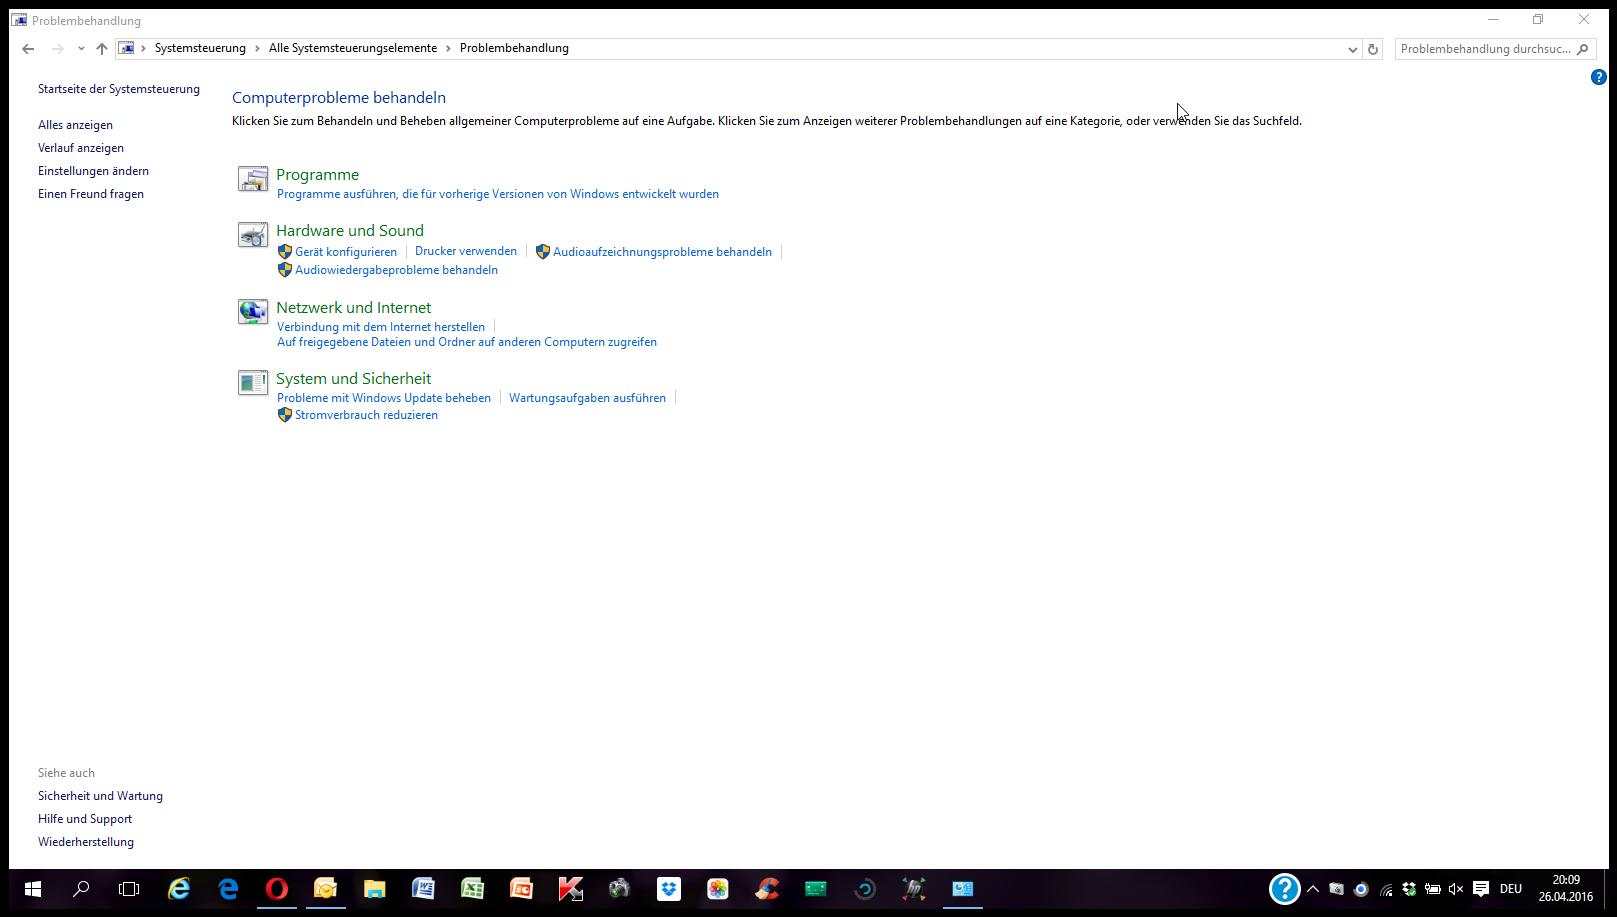 Nach Windows 10 Update: Eigenes WLAN erscheint nicht mehr in Liste, daher keine Verbindung...